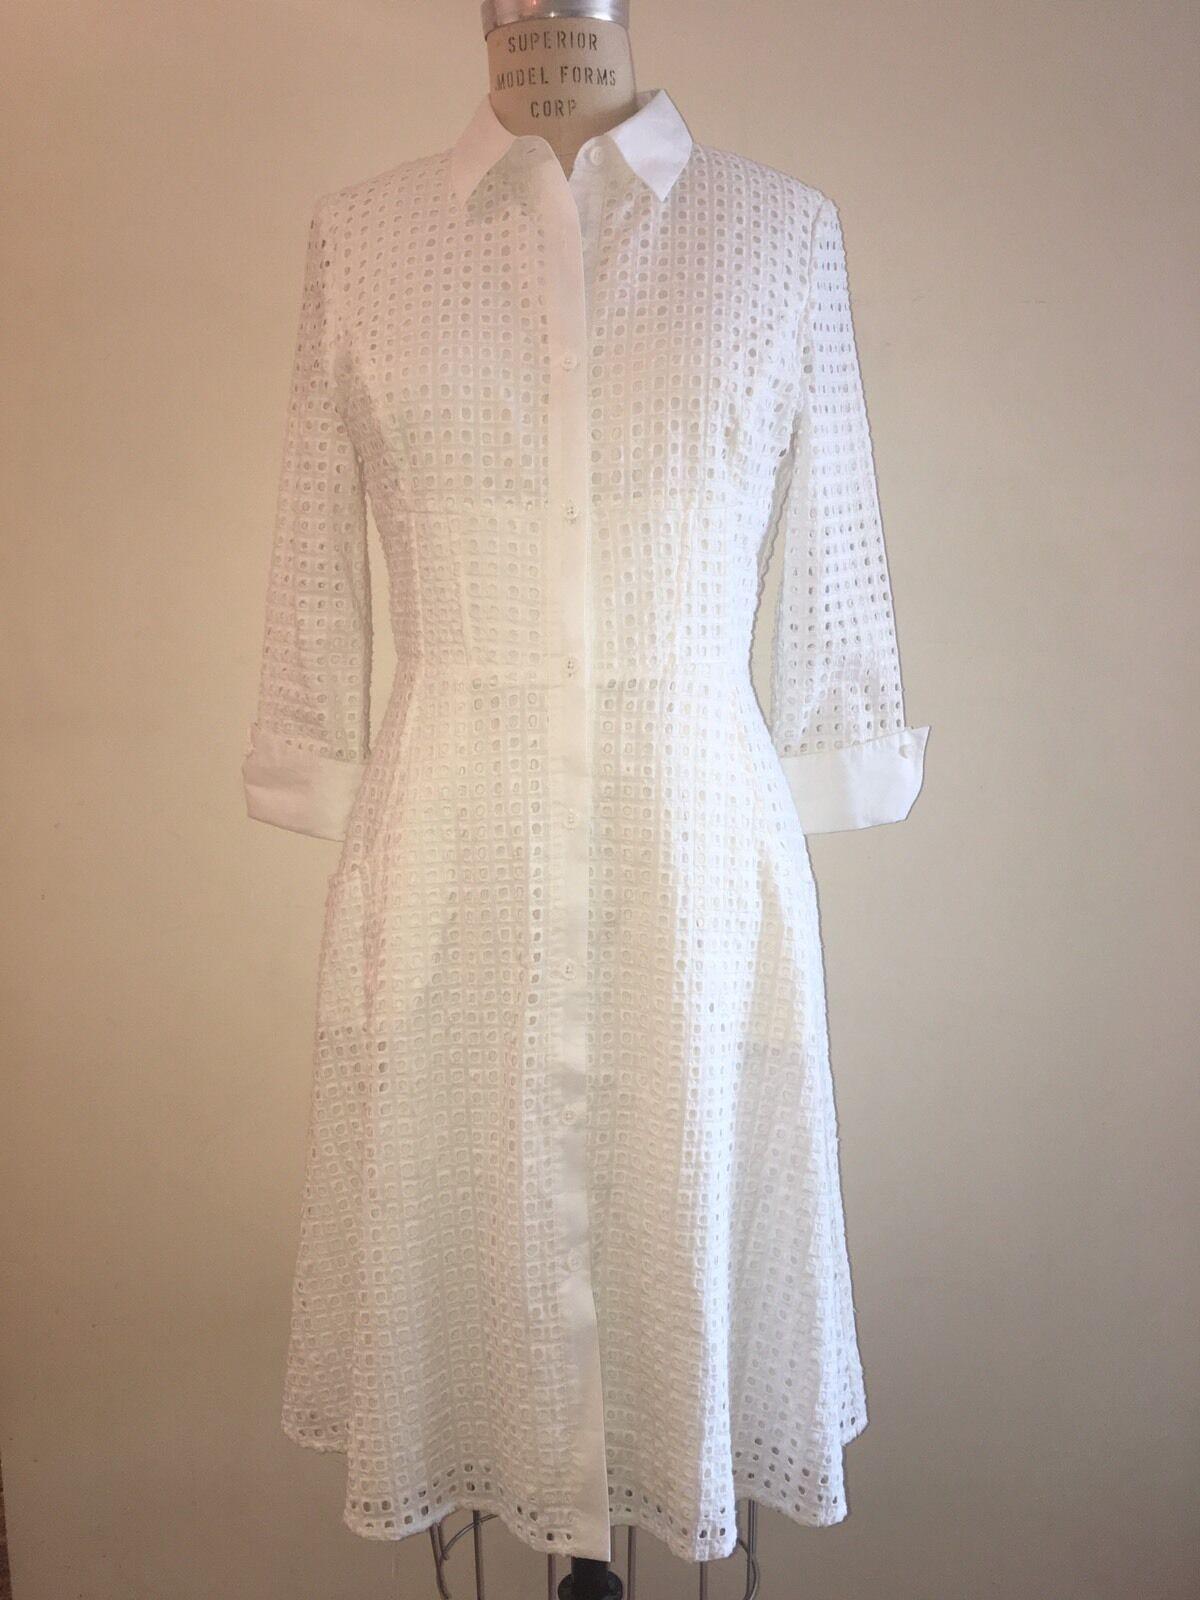 NUE By Shani Weiß Cotton Shirt Dress Größe 4